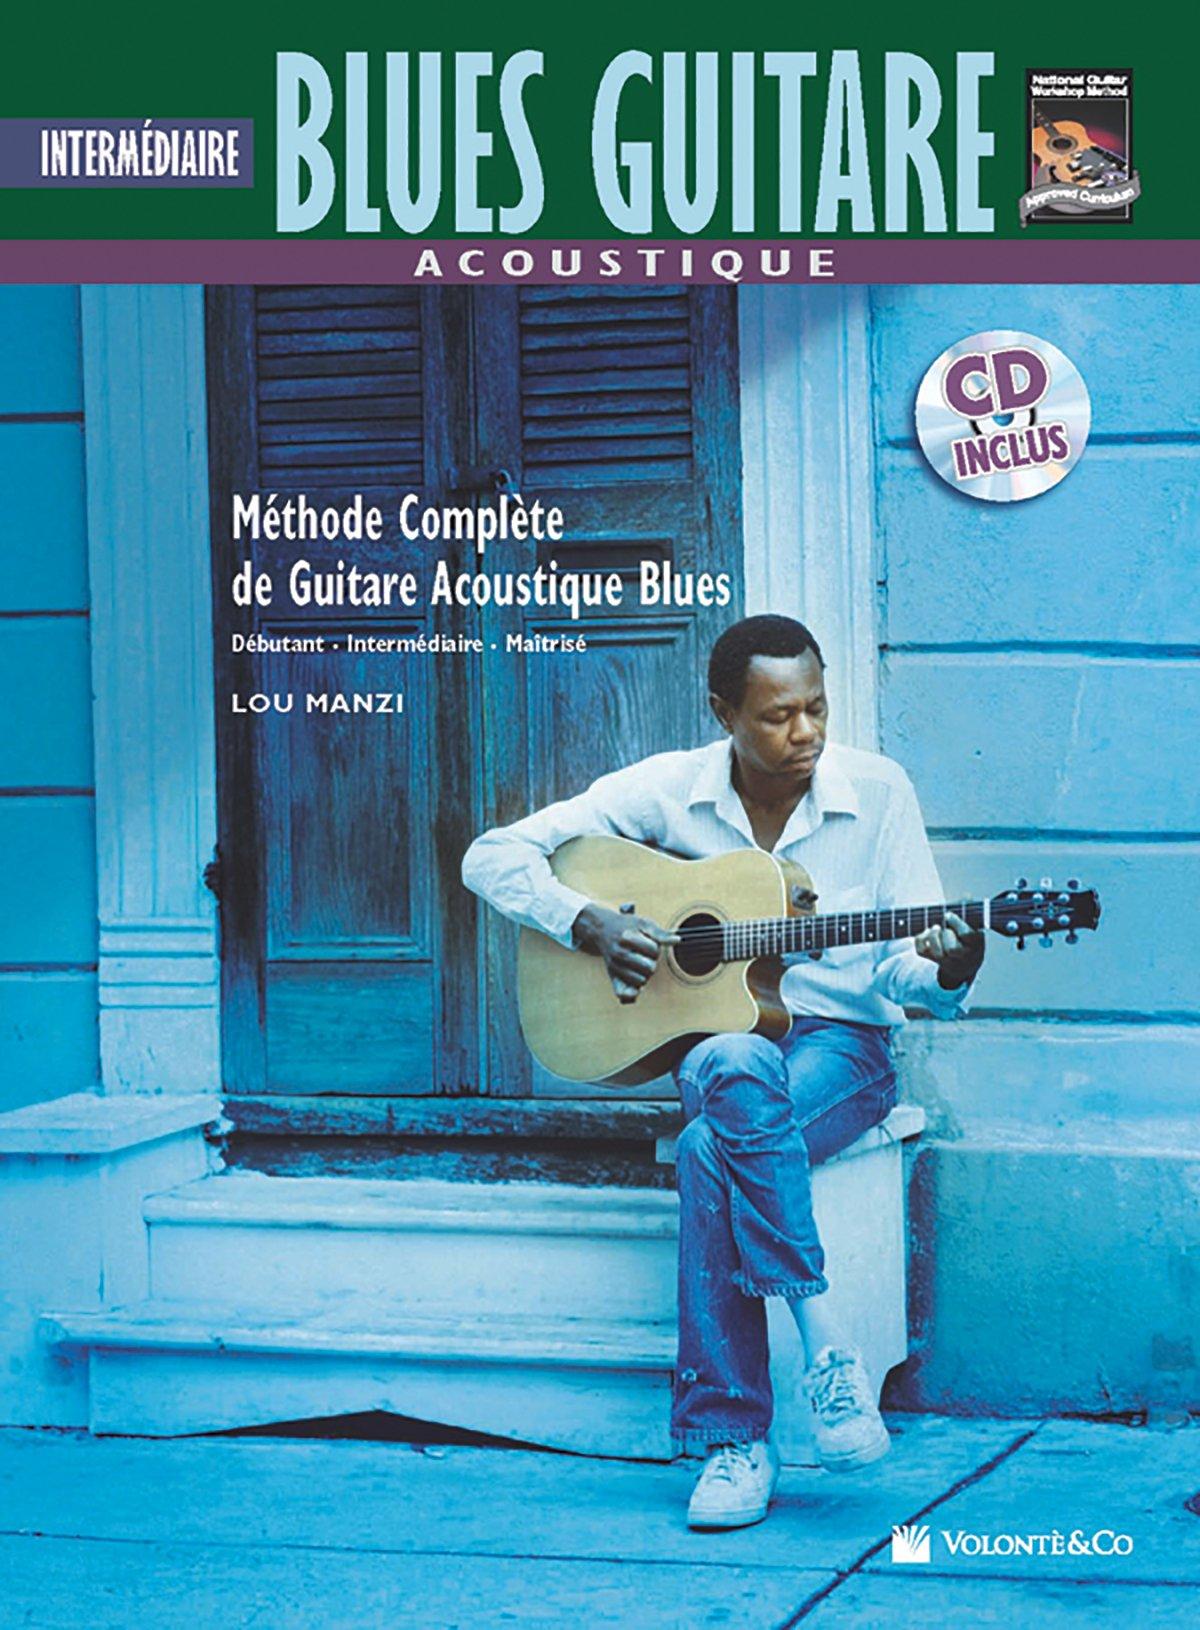 Acoustique Blues Guitare Intermediaire: Intermediate Acoustic Blues Guitar Broché – 25 octobre 2011 Lou Manzi Alfred Pub Co 8863882428 00-41999